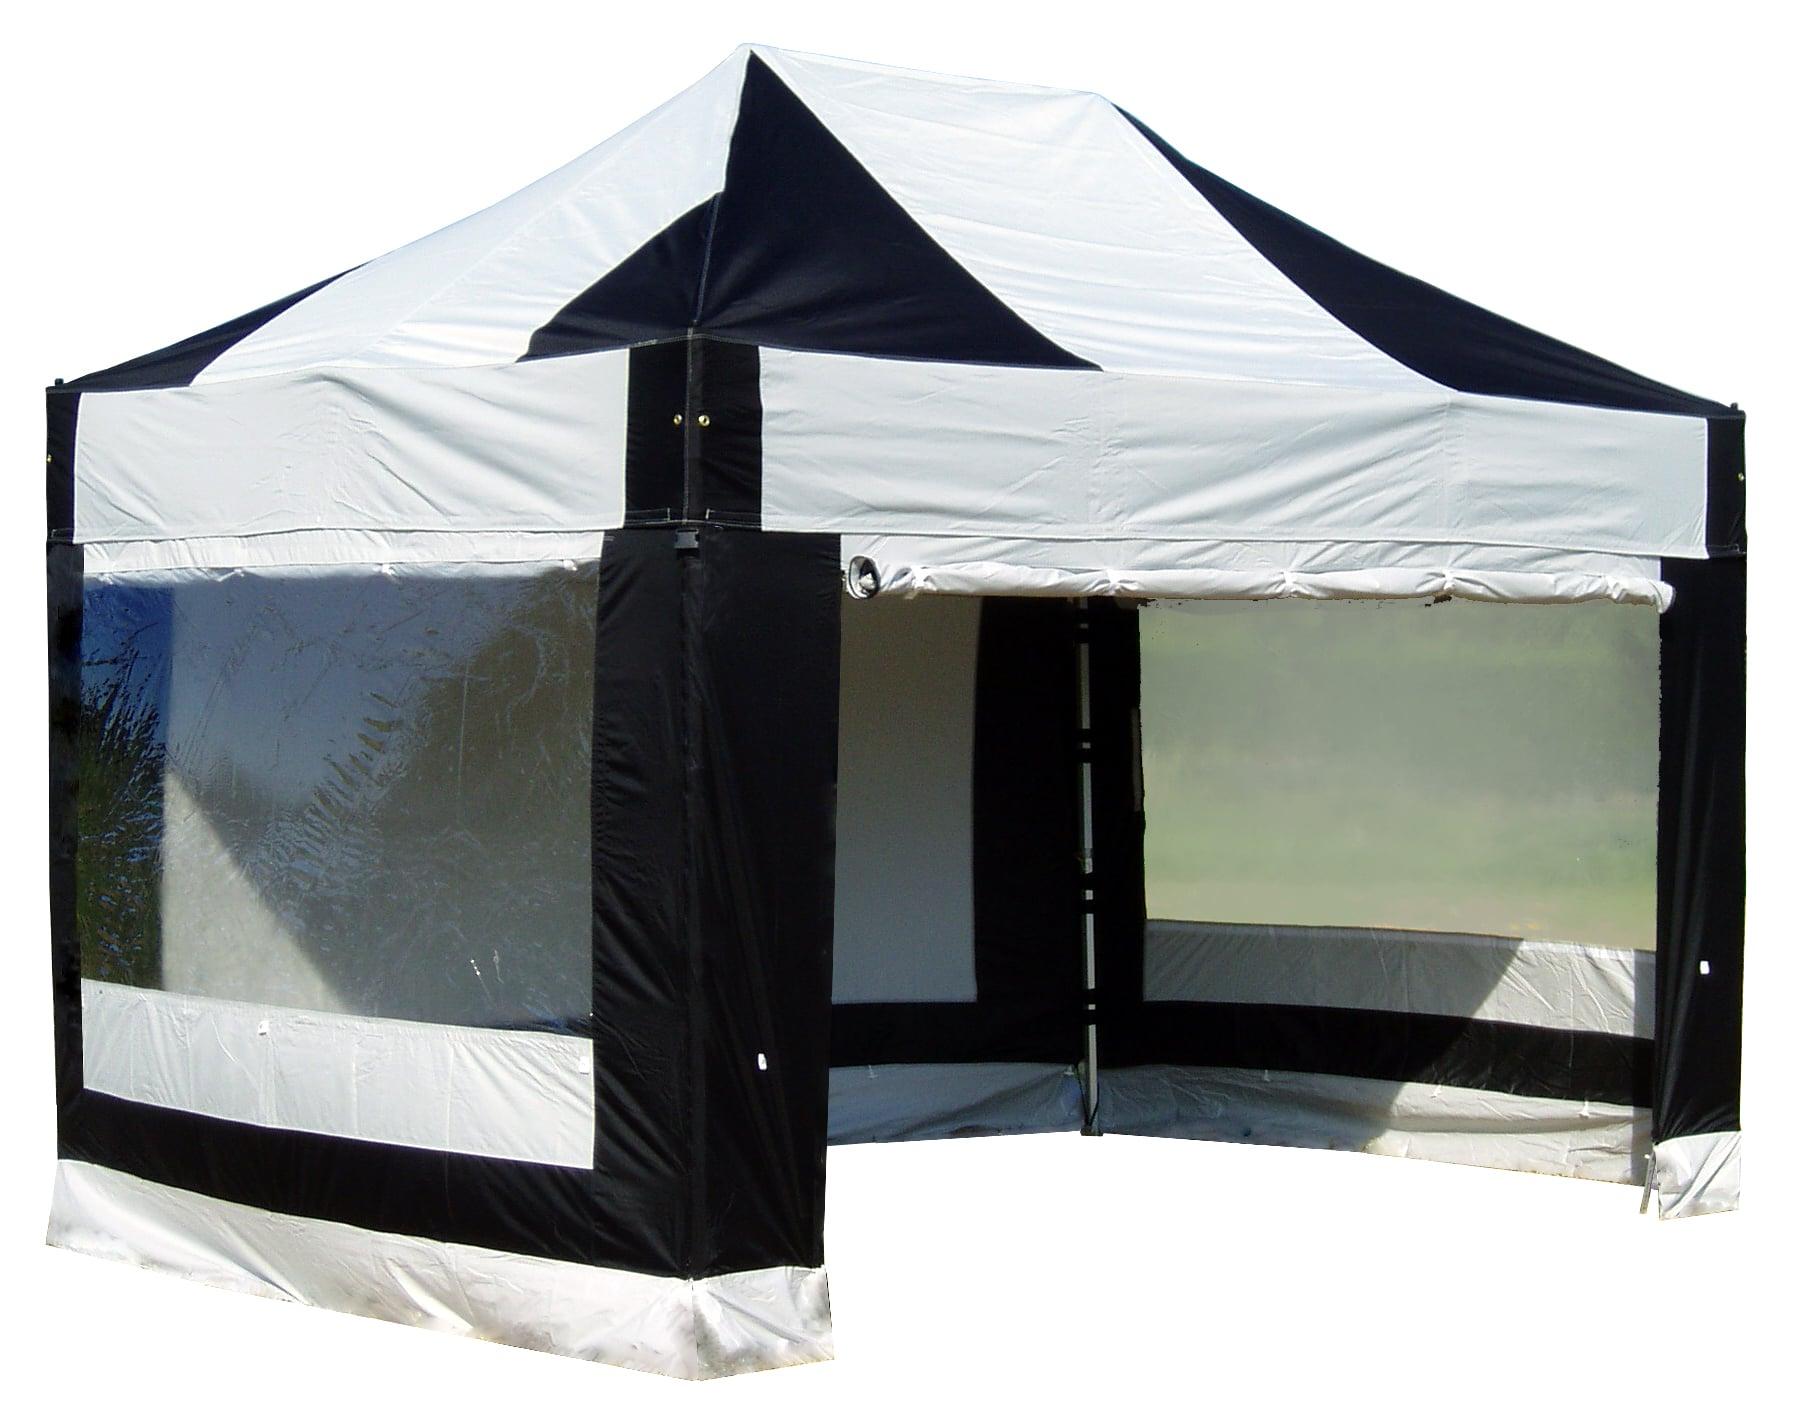 3m x 4.5m Protex 50 Instant Shelter/Pop Up Gazebo